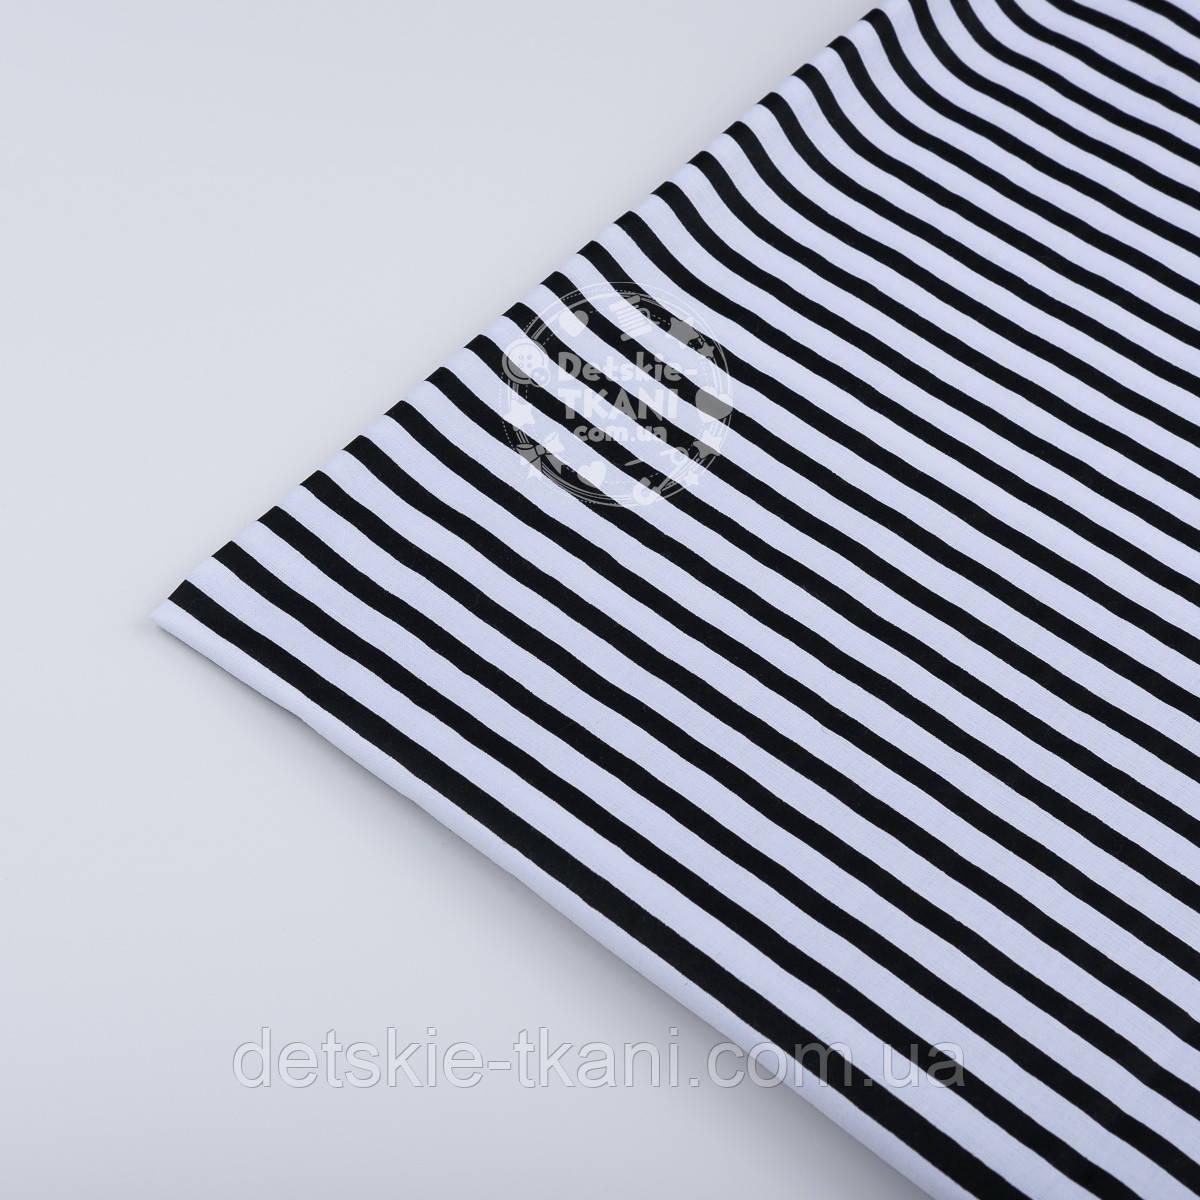 Отрез ткани №760а с чёрной полоской 6 мм на белом фоне